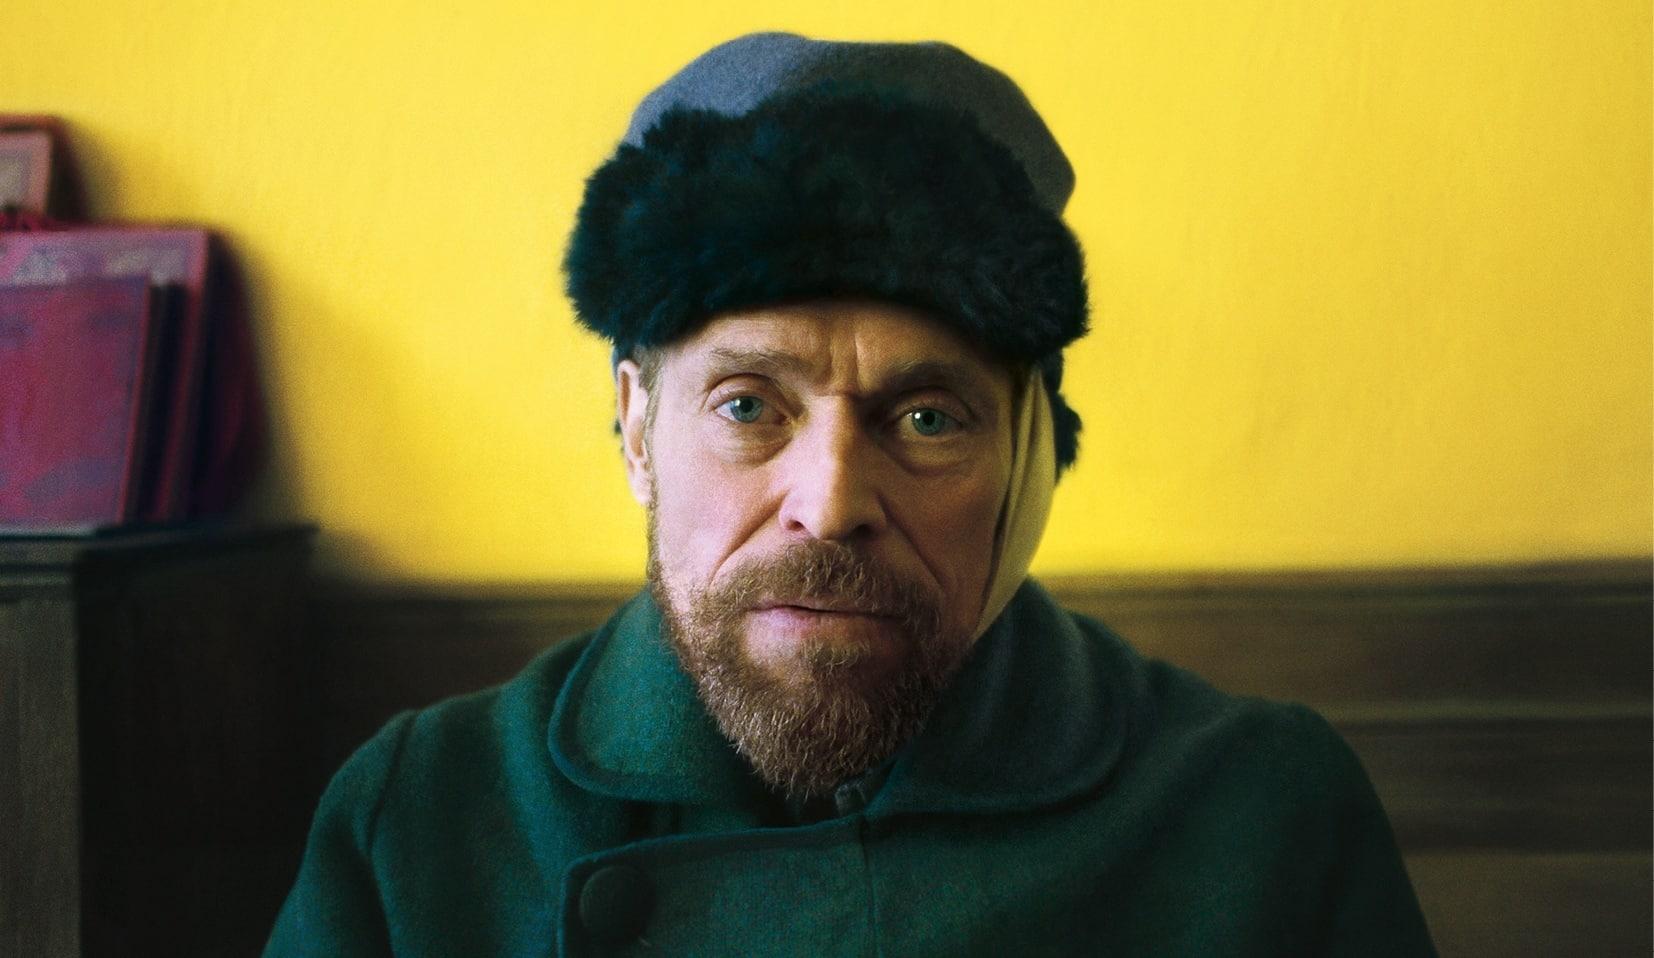 I nuovi film a Civitanova Marche, da Van Gogh ai Moschettieri